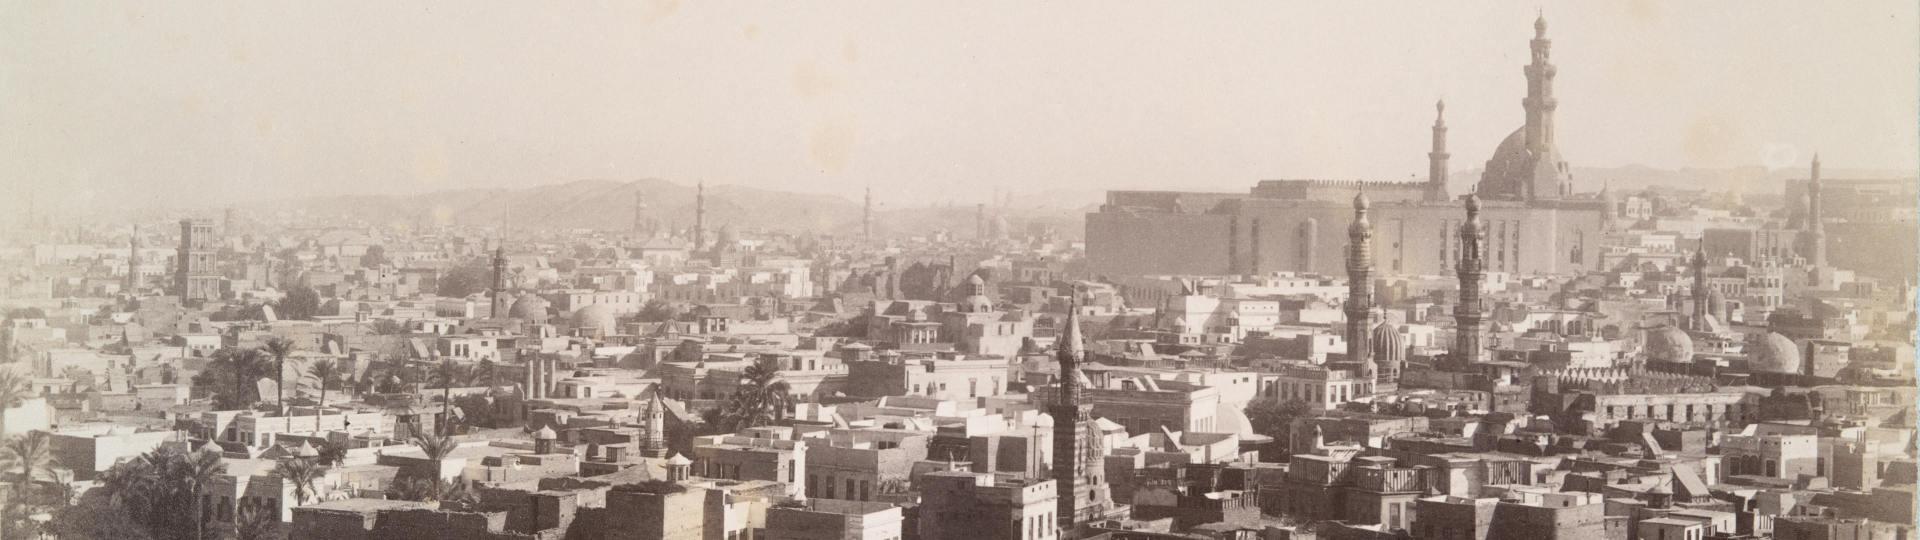 Kairo in den 1890ern